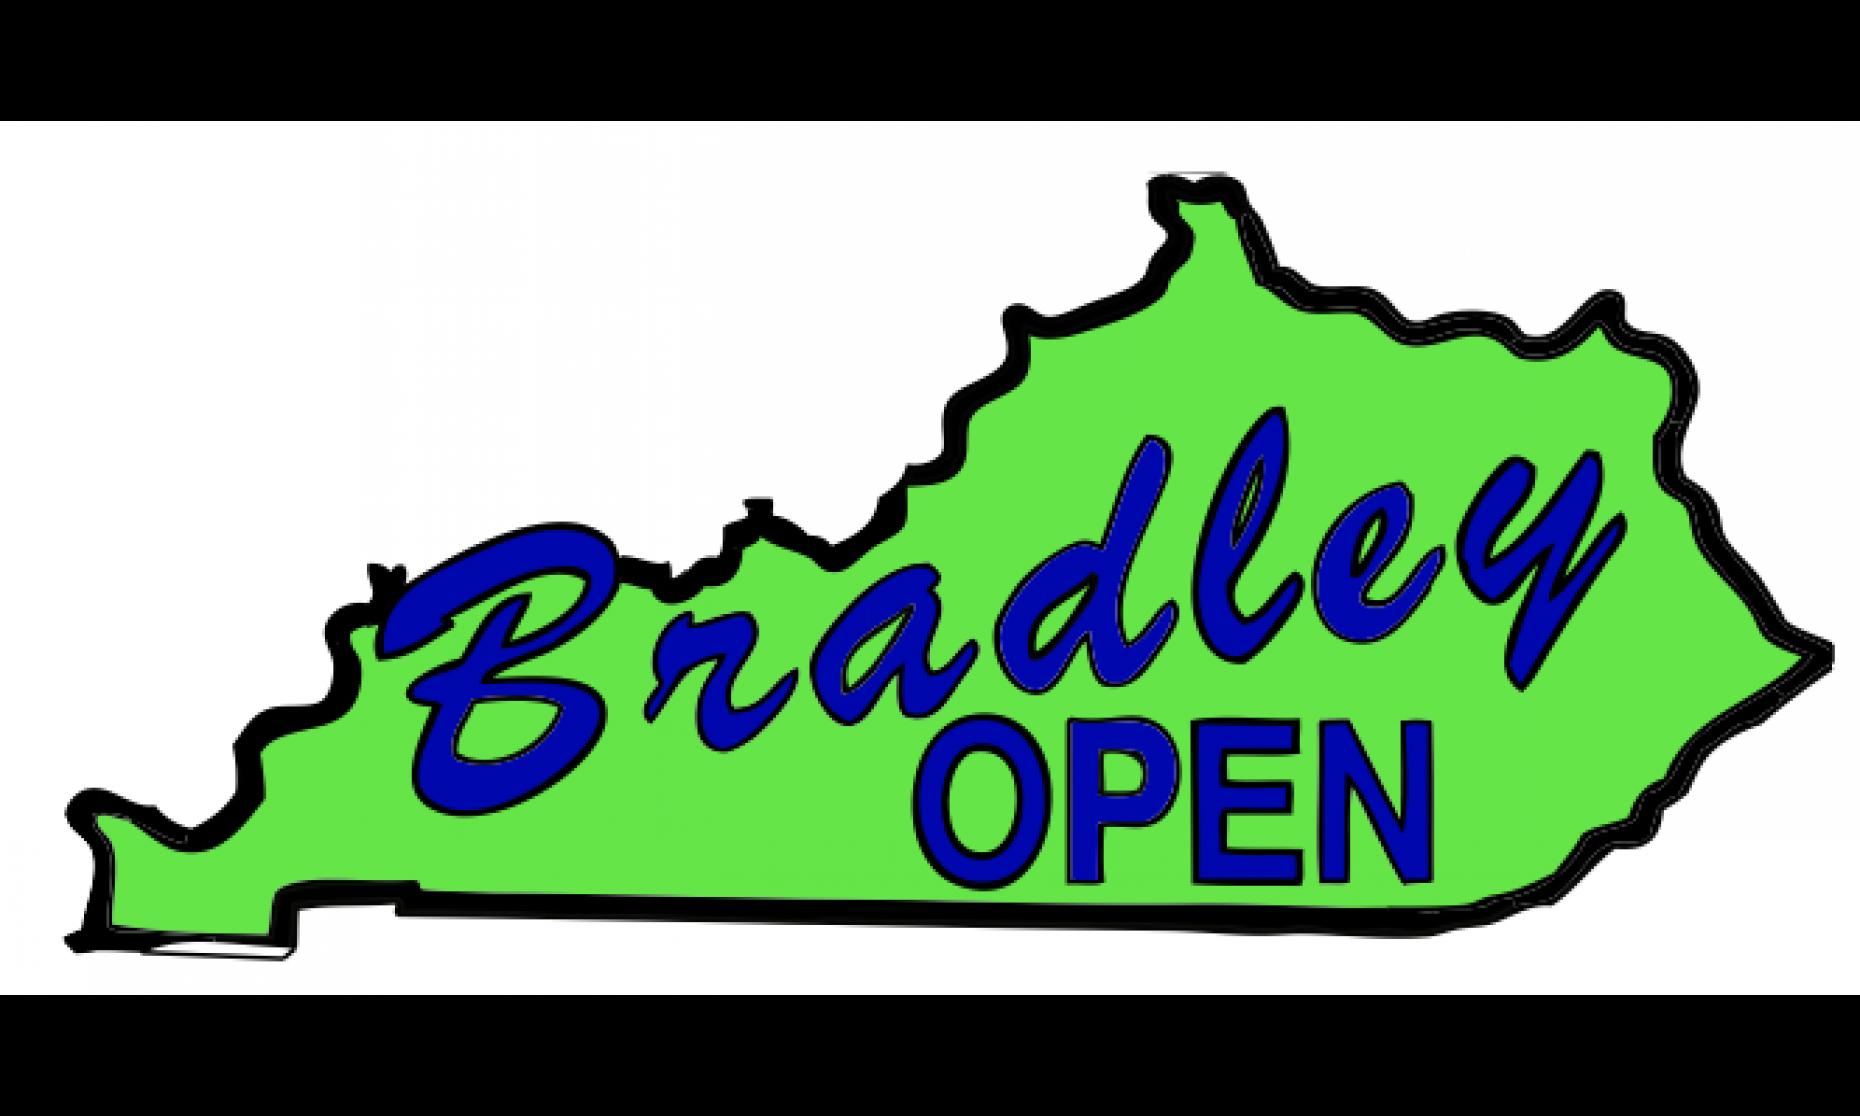 Bradley Open Logo